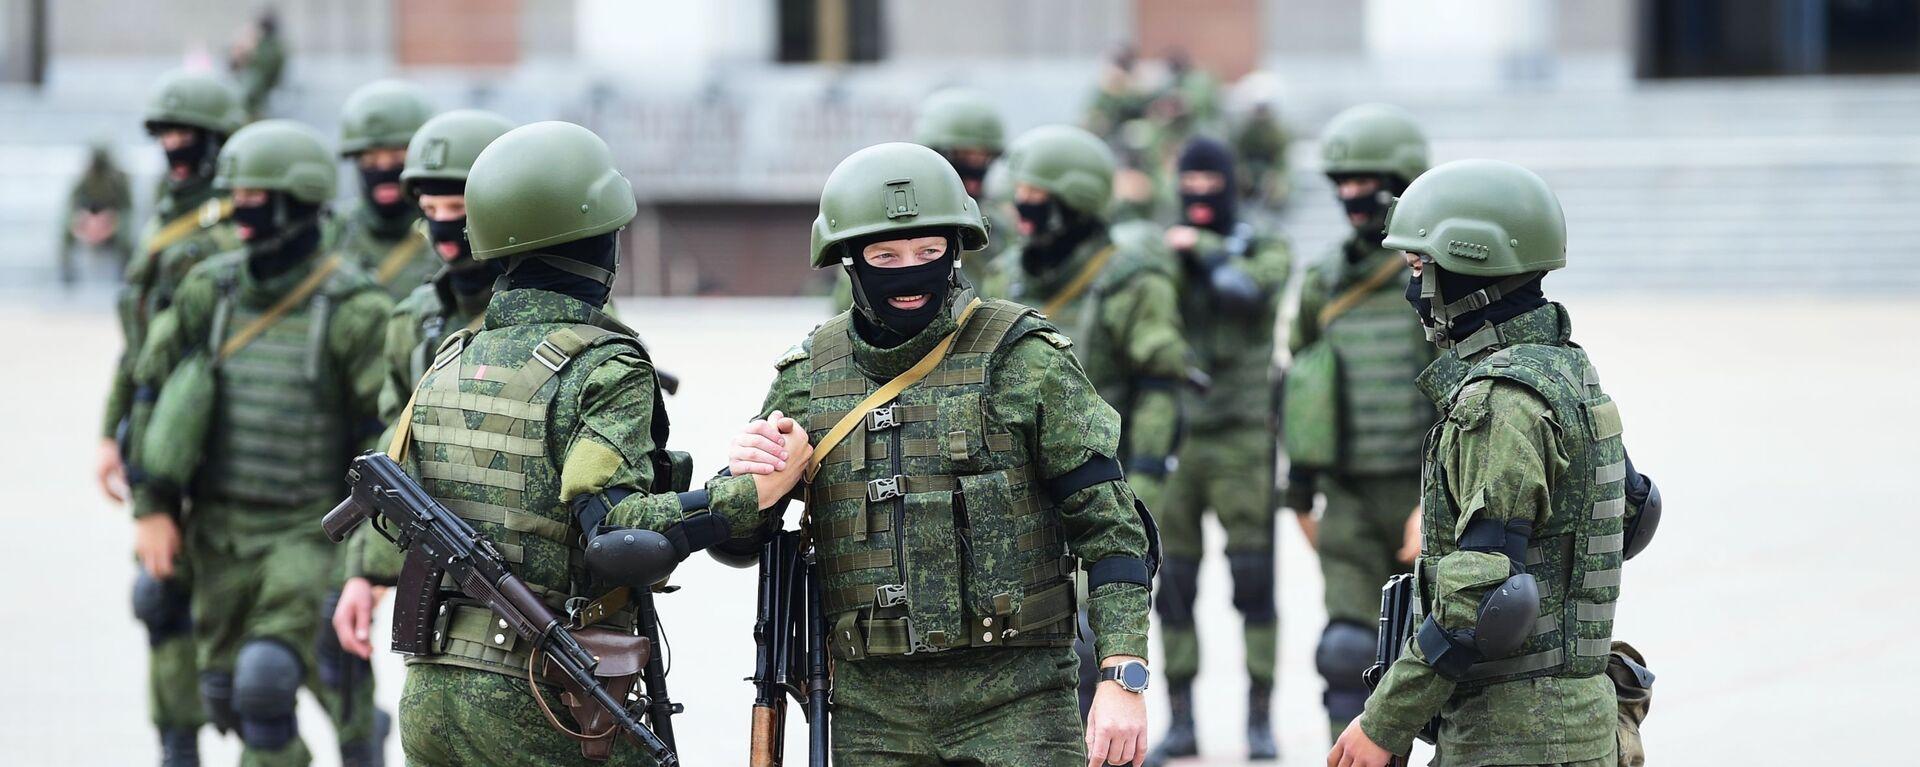 Pořádkové síly v Minsku během nelegálních demonstrací proti Lukašenkovi - Sputnik Česká republika, 1920, 23.06.2021